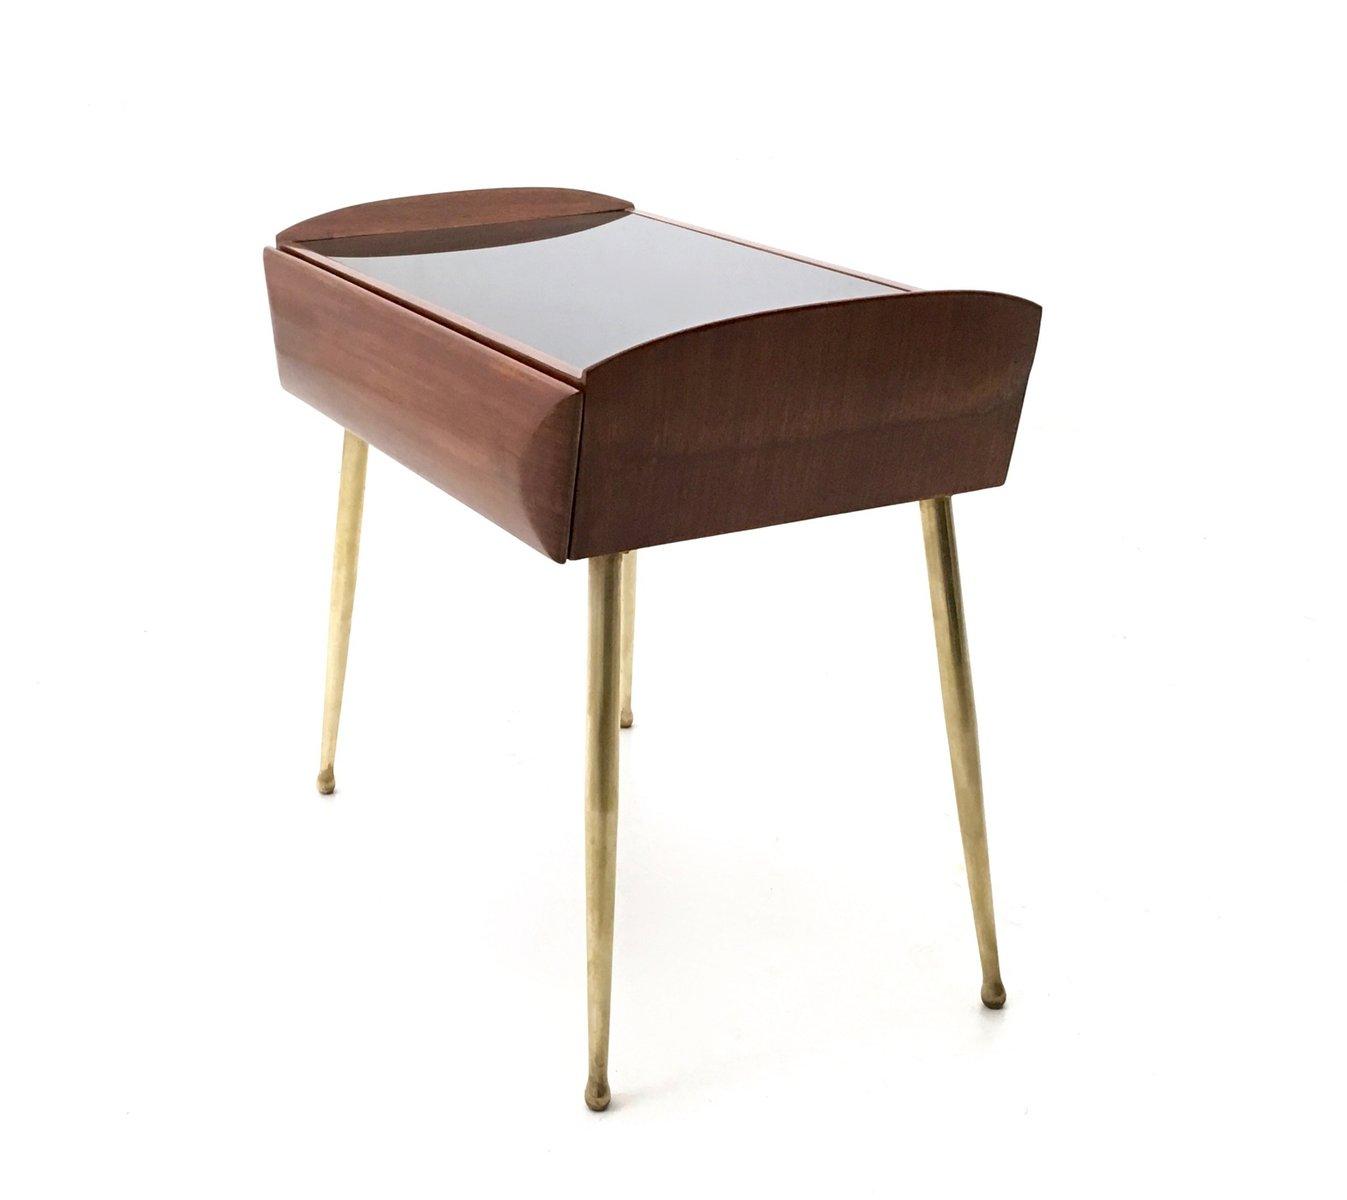 tables de chevet en ch ne et rable avec plateau en verre peint en noir 1950s set de 2 en. Black Bedroom Furniture Sets. Home Design Ideas